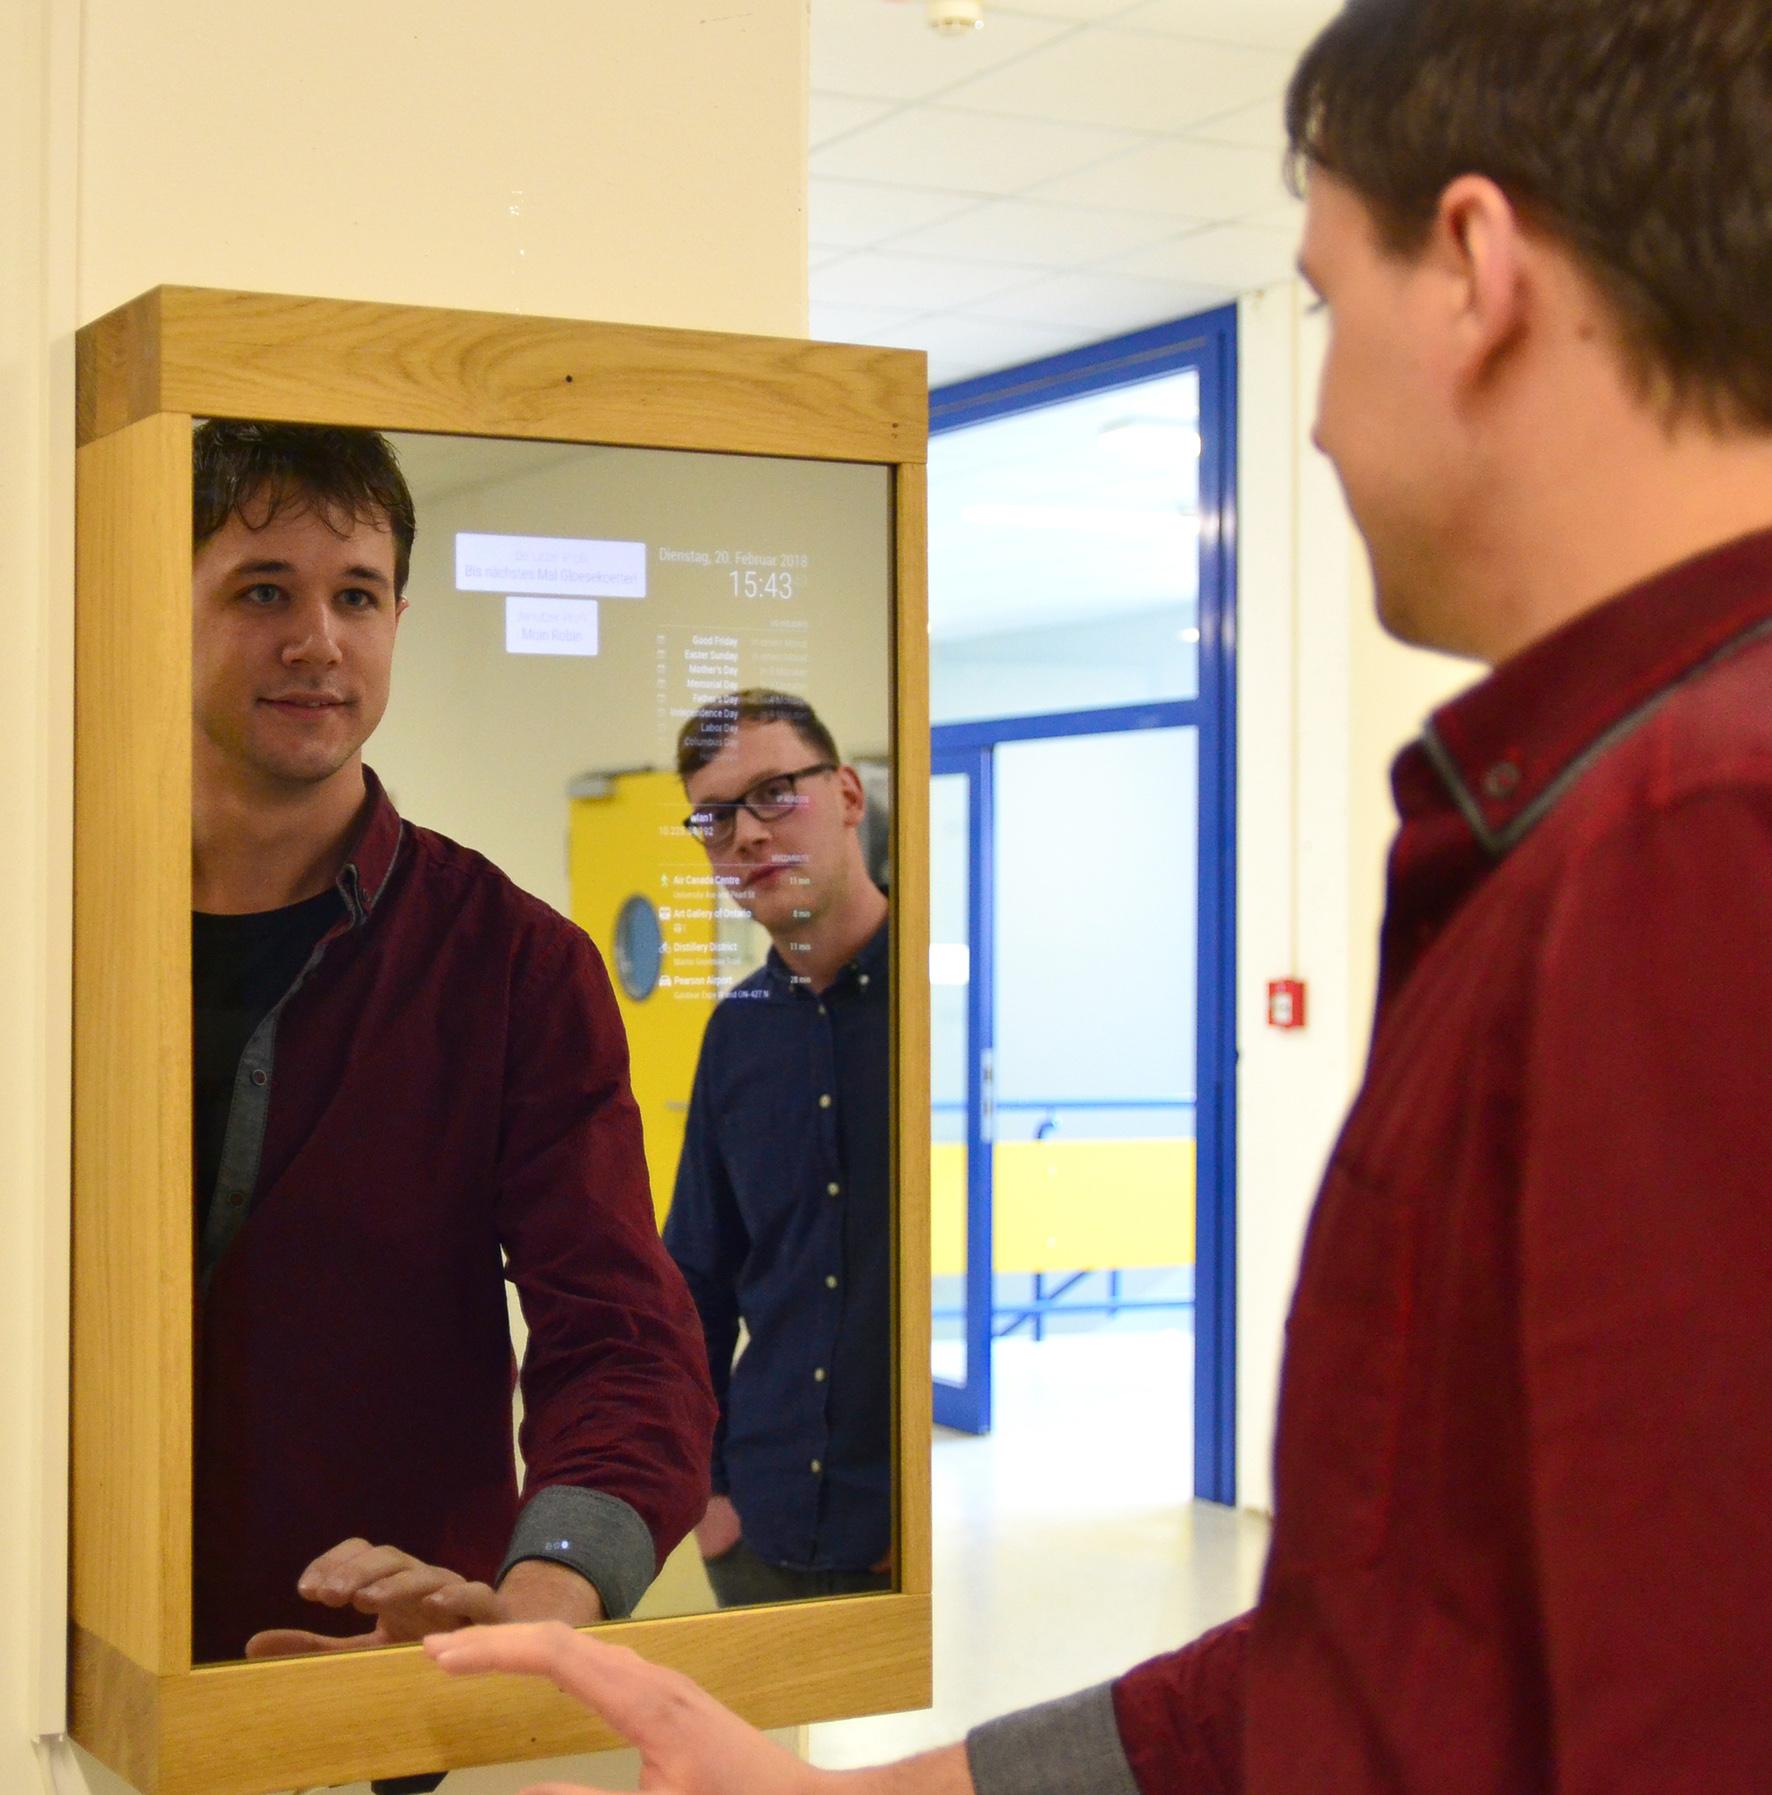 Student Kevin Ostenried macht vor dem Spiegel die Wischbewegung für eine andere Benutzeroberfläche